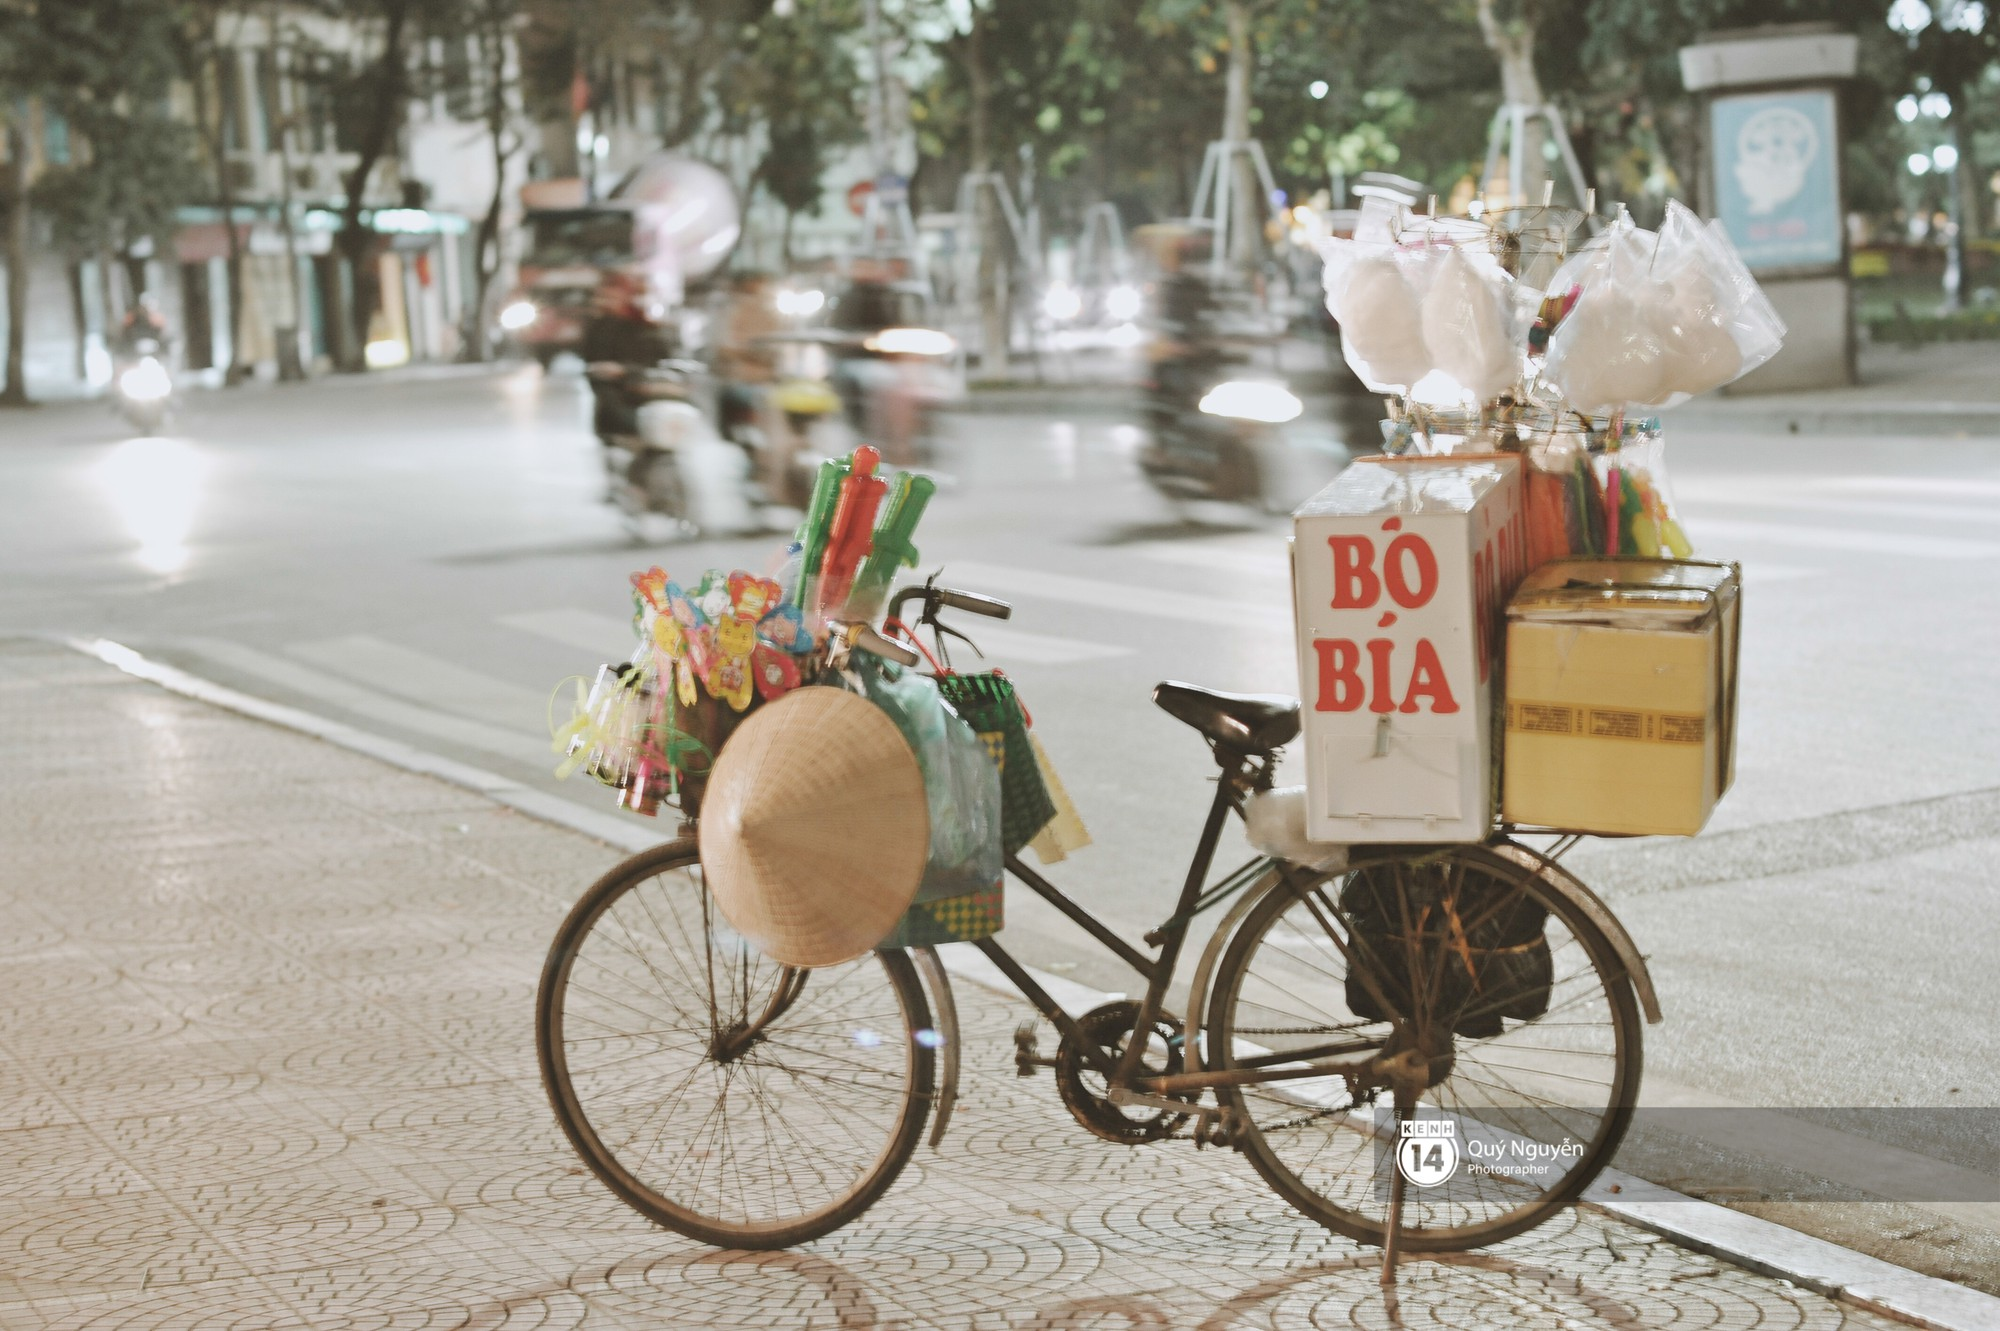 Chùm ảnh: Hà Nội giá rét 10 độ, một chiếc thùng carton hay manh áo mưa cũng khiến người lao động nghèo ấm hơn - Ảnh 18.